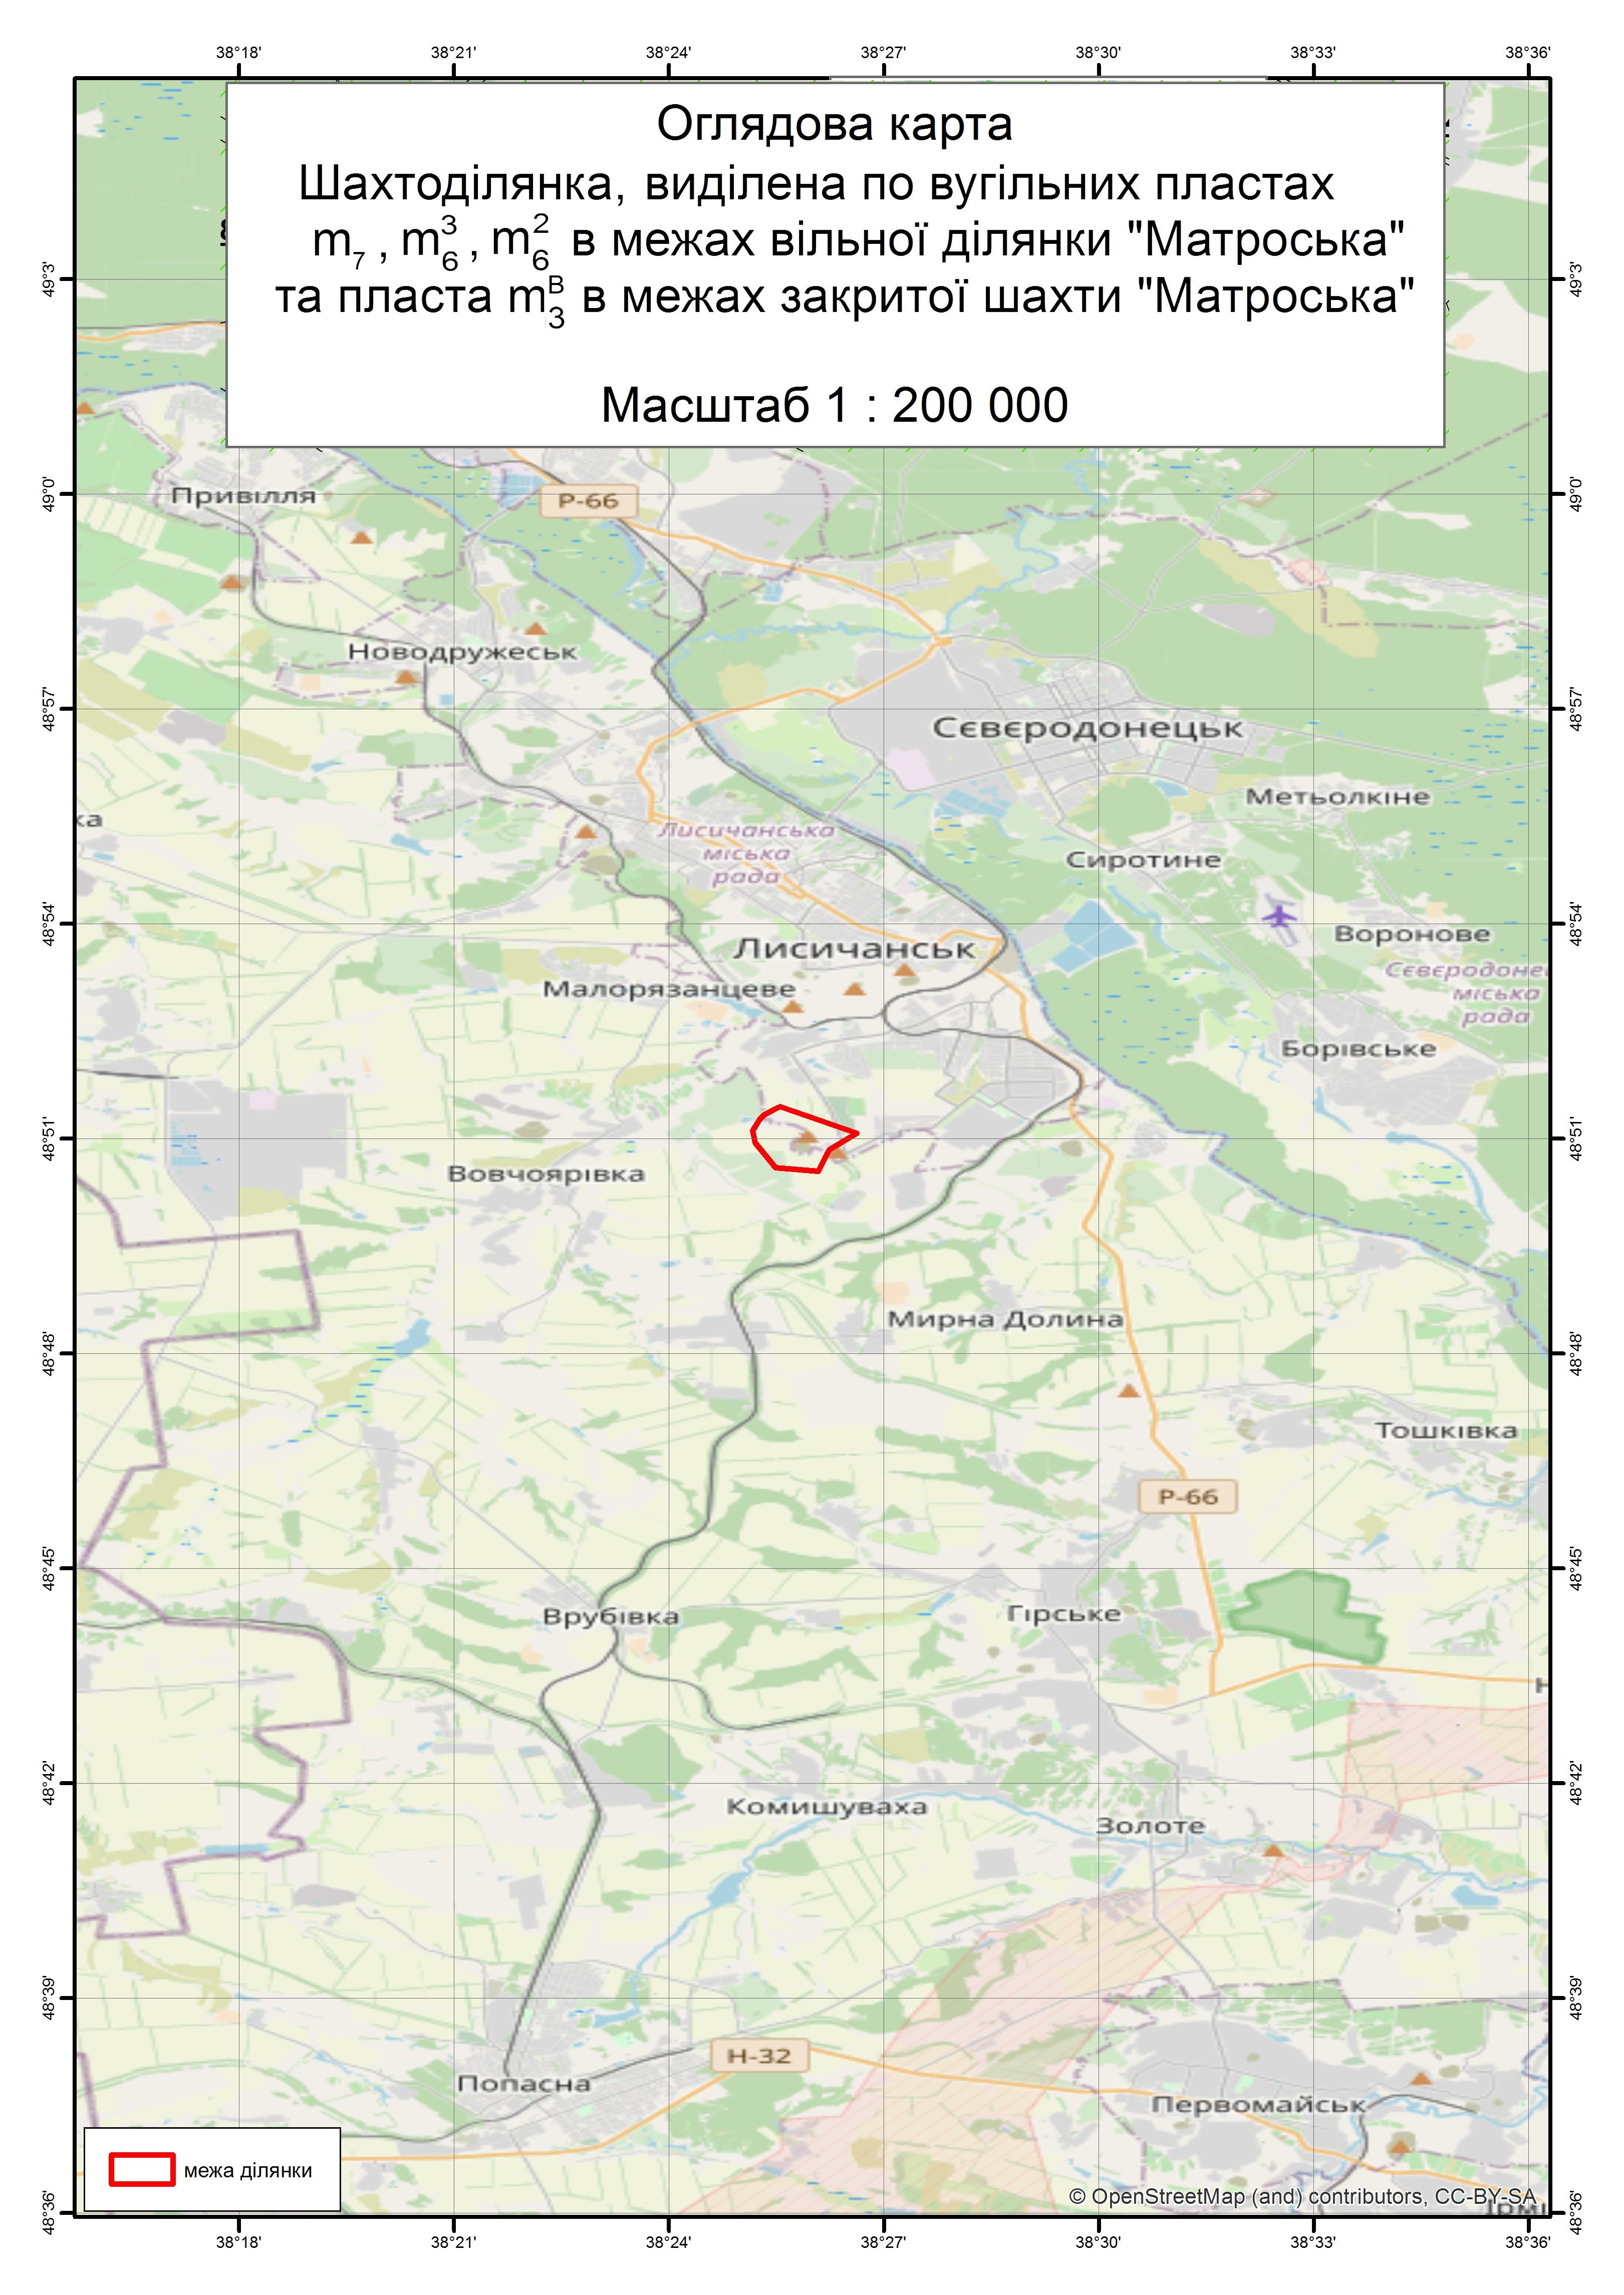 Спеціальний дозвіл на користування надрами – Шахтоділянка виділена, по вугільних пластах m7, m63, m62 в межах вільної ділянки «Матроська» та пласта m3в в межах закритої шахти «Матроська». Вартість геологічної інформації – 103 722,11 грн (з ПДВ). Вартість пакету аукціонної документації – 22 049,85 грн (з ПДВ).